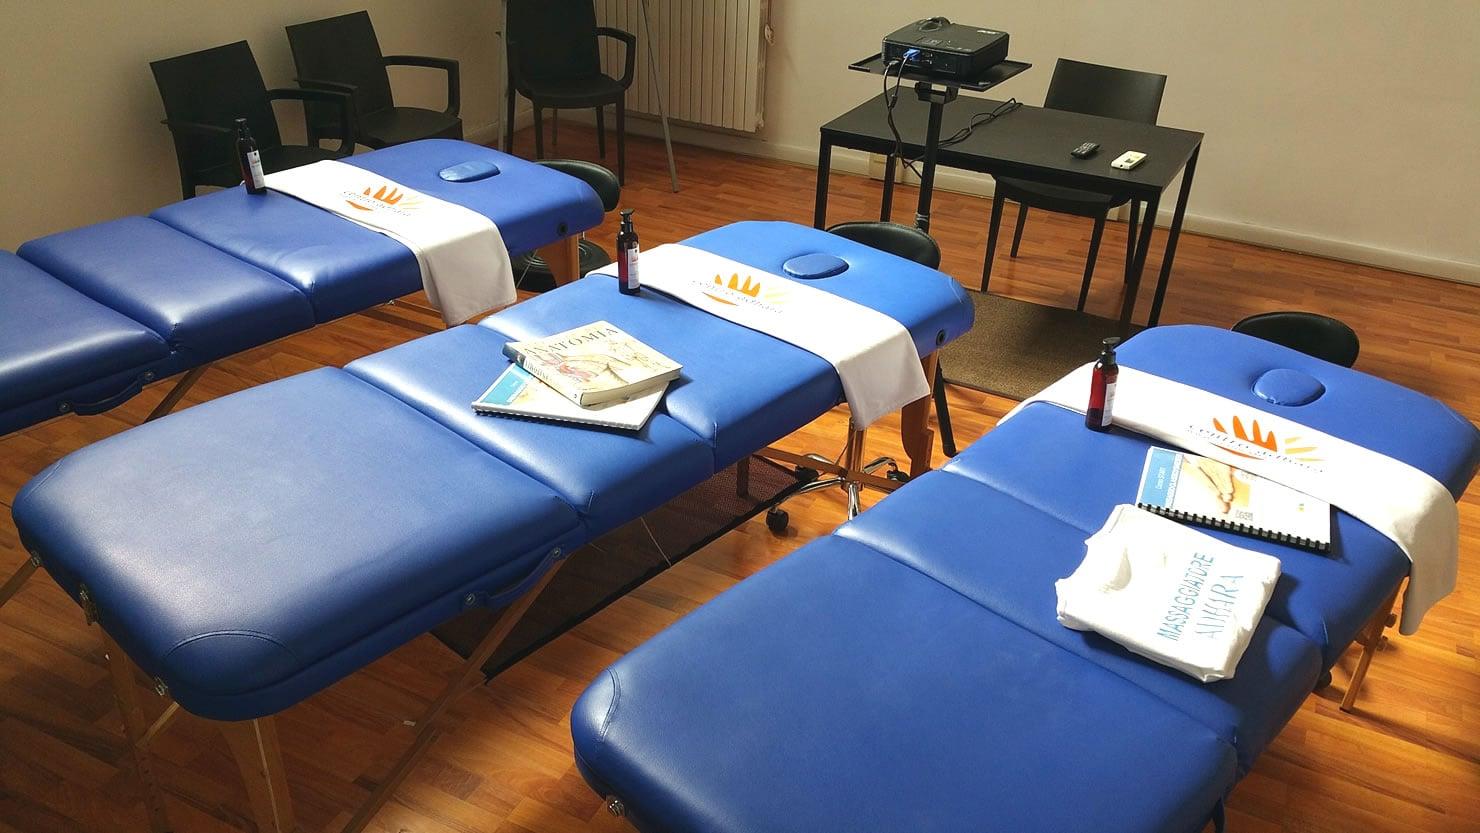 scuola massaggi adhara corso massaggio prova gratuita